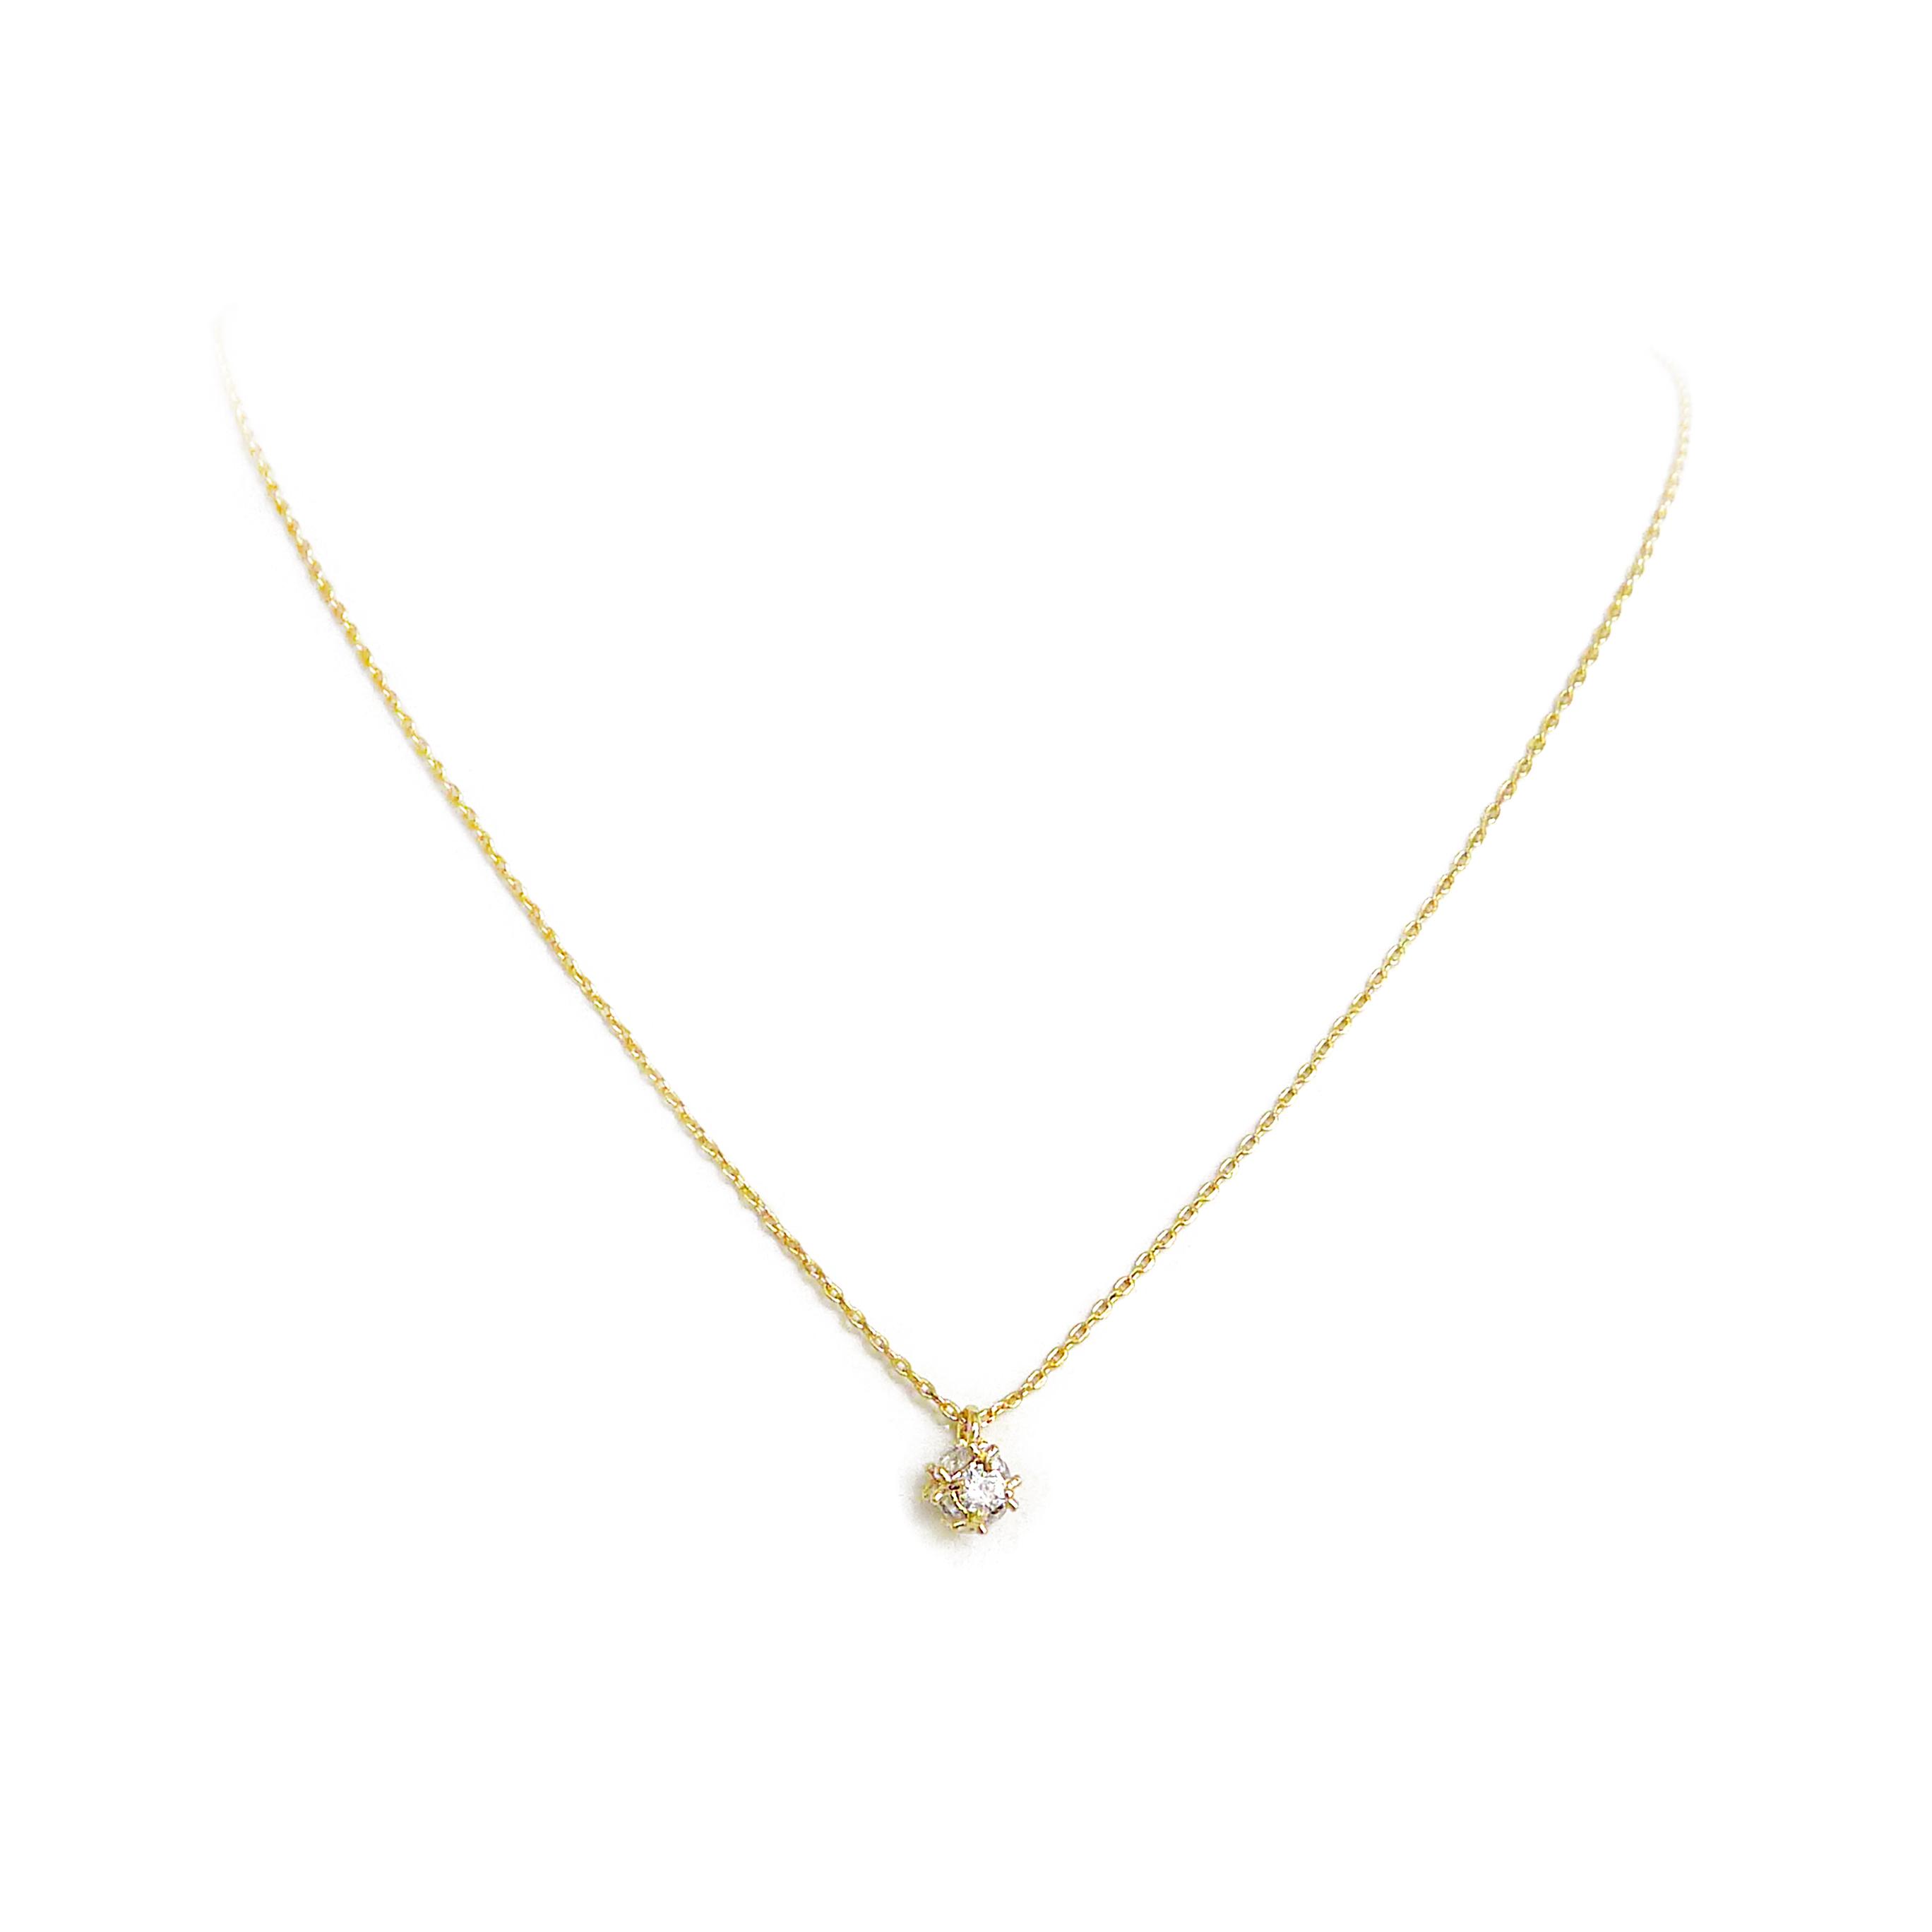 優雅鋯石款 – 金球 – 項鍊